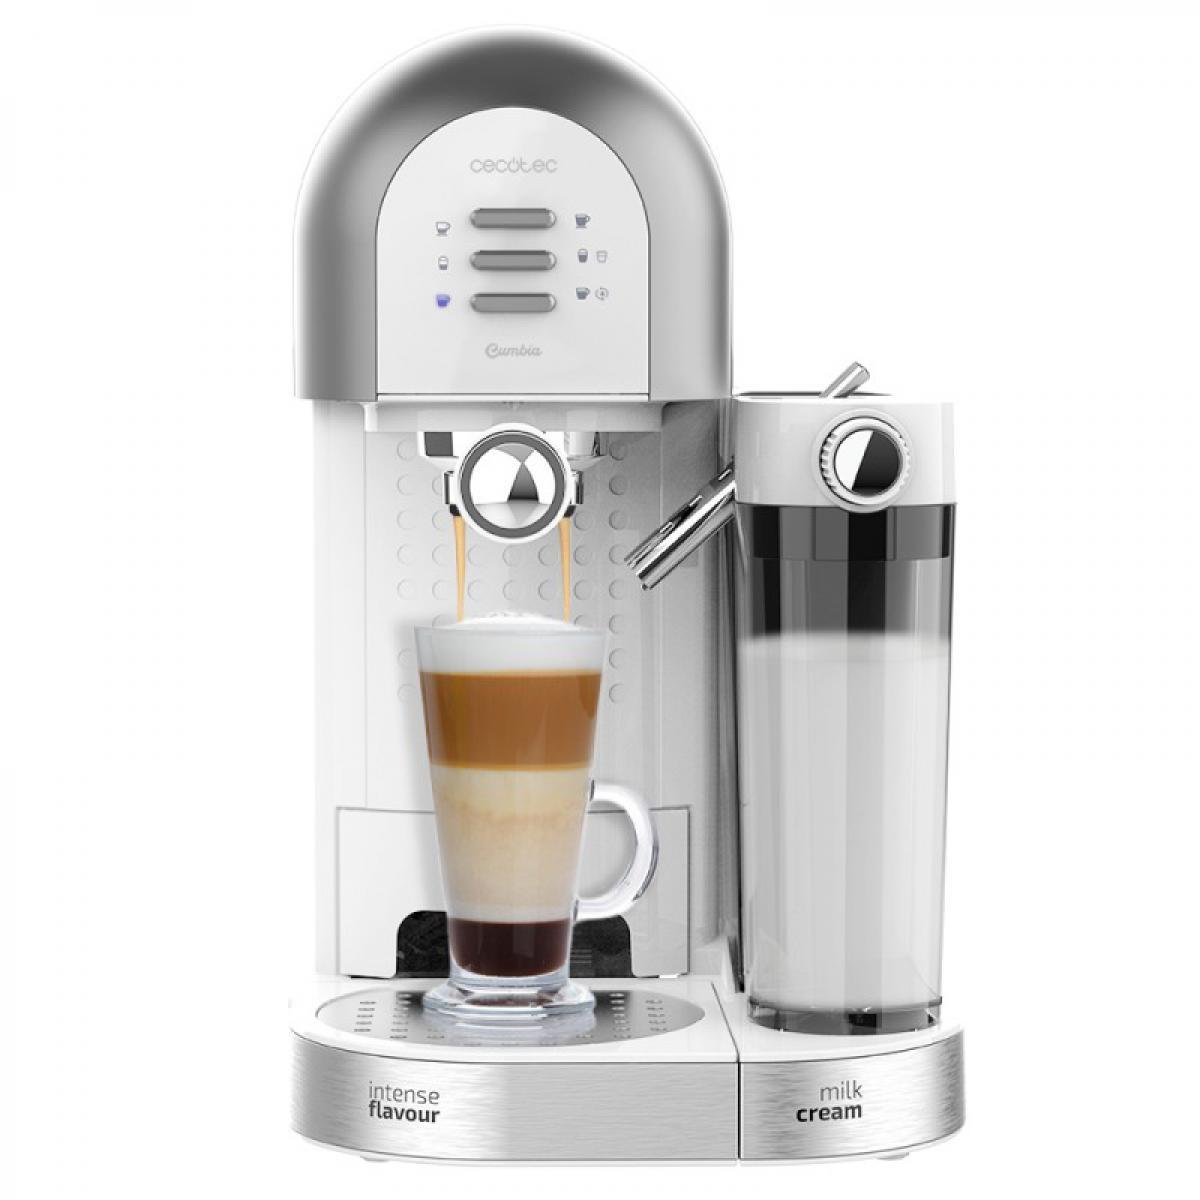 Cecotec Cecotec, Cafetière Semiautomatique, Power Instantccino 20 Chic Serie Bianca, Café moulu et capsules, 20 bars, Réservoir